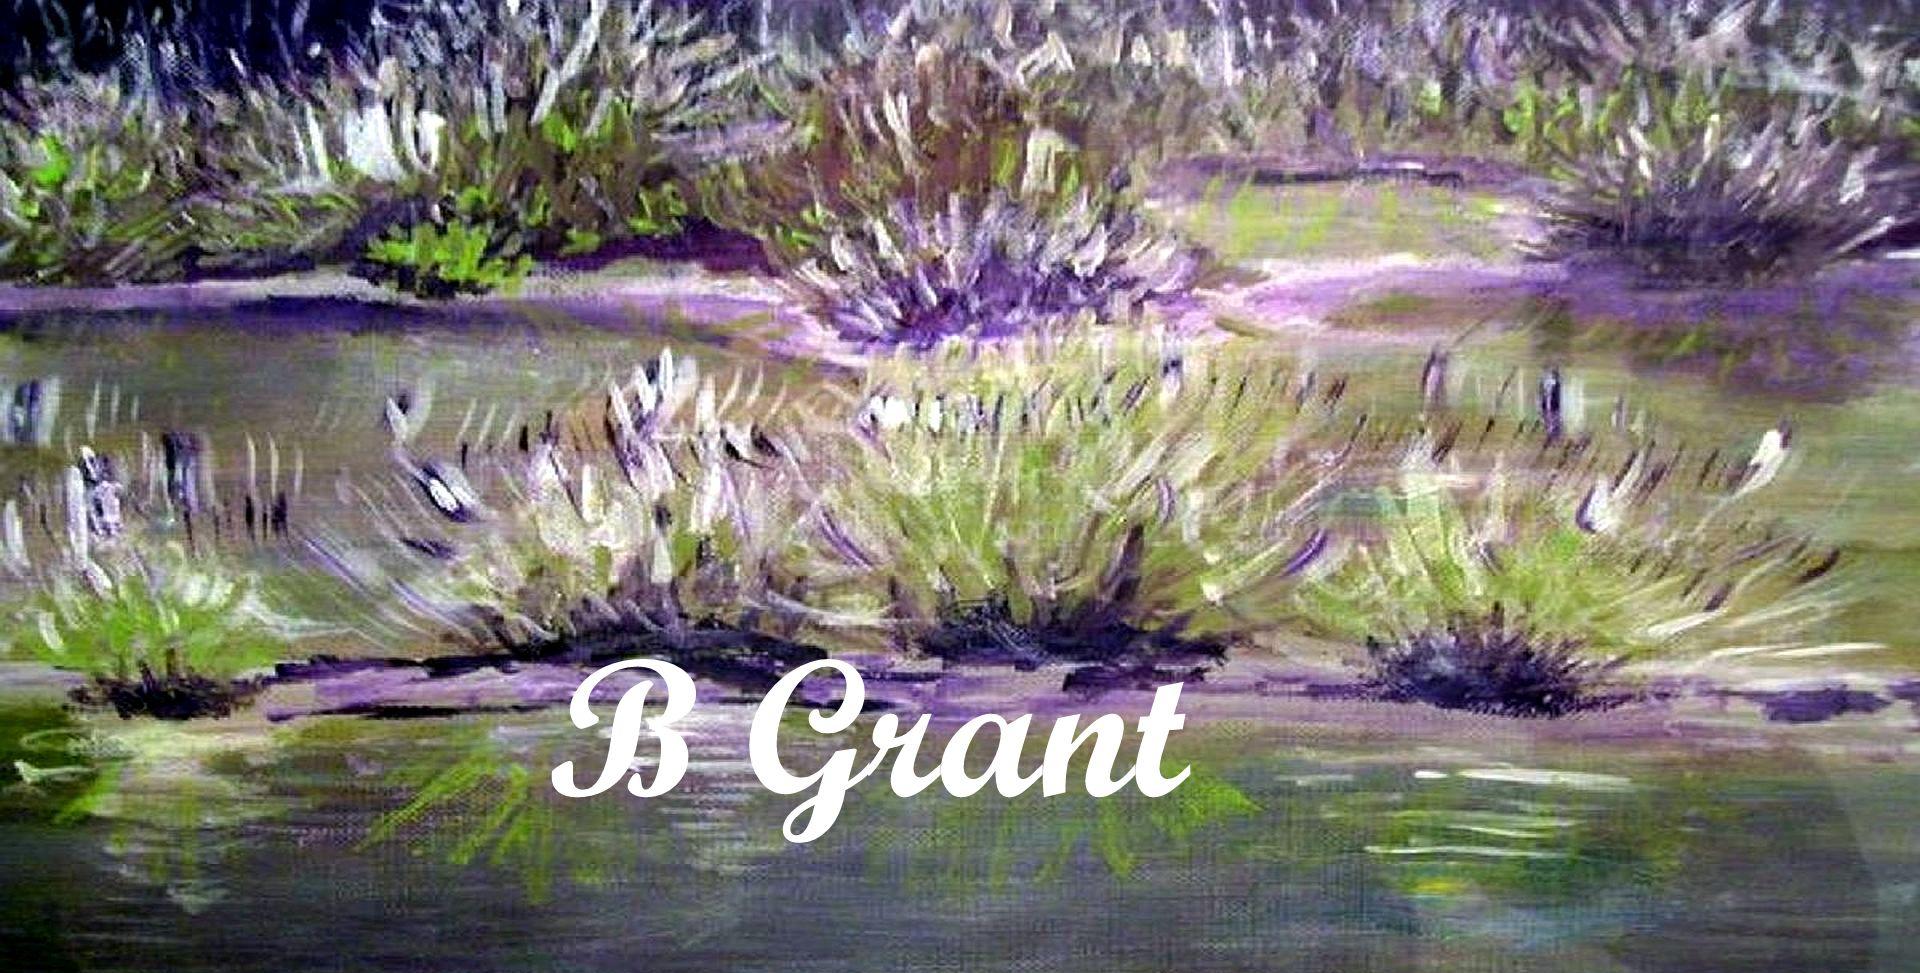 Bert Grant's Signature